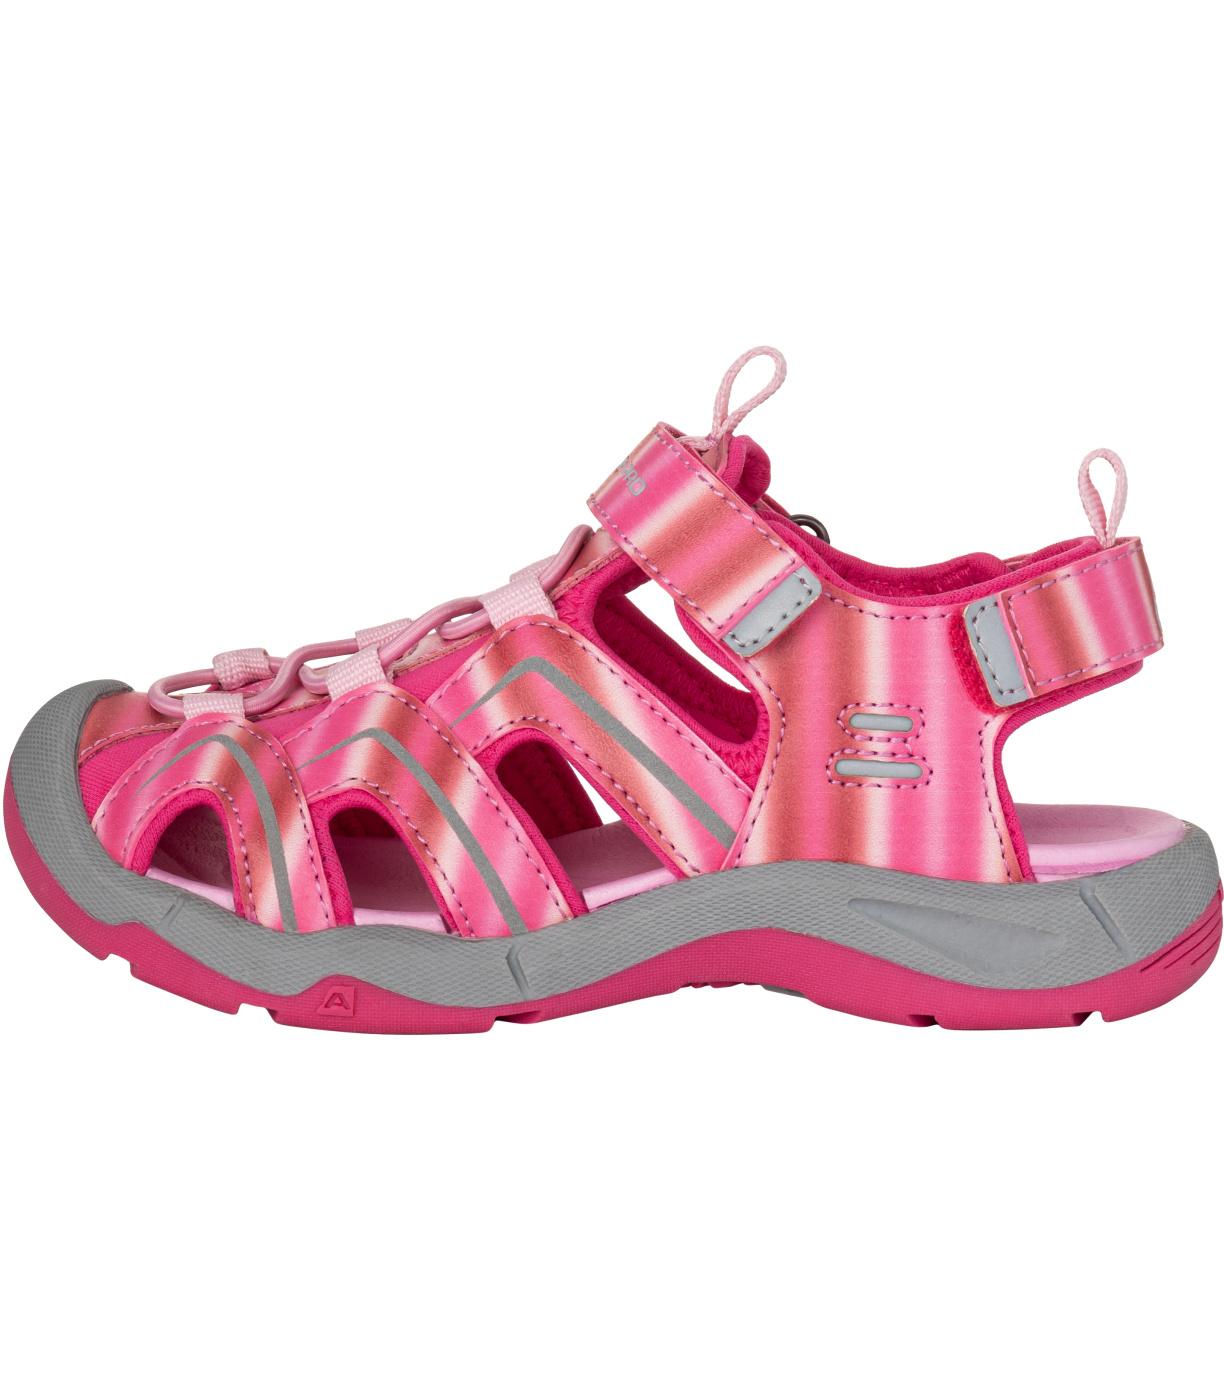 ALPINE PRO ANGUSO Dětské sandály KBTT279810 růžová 34